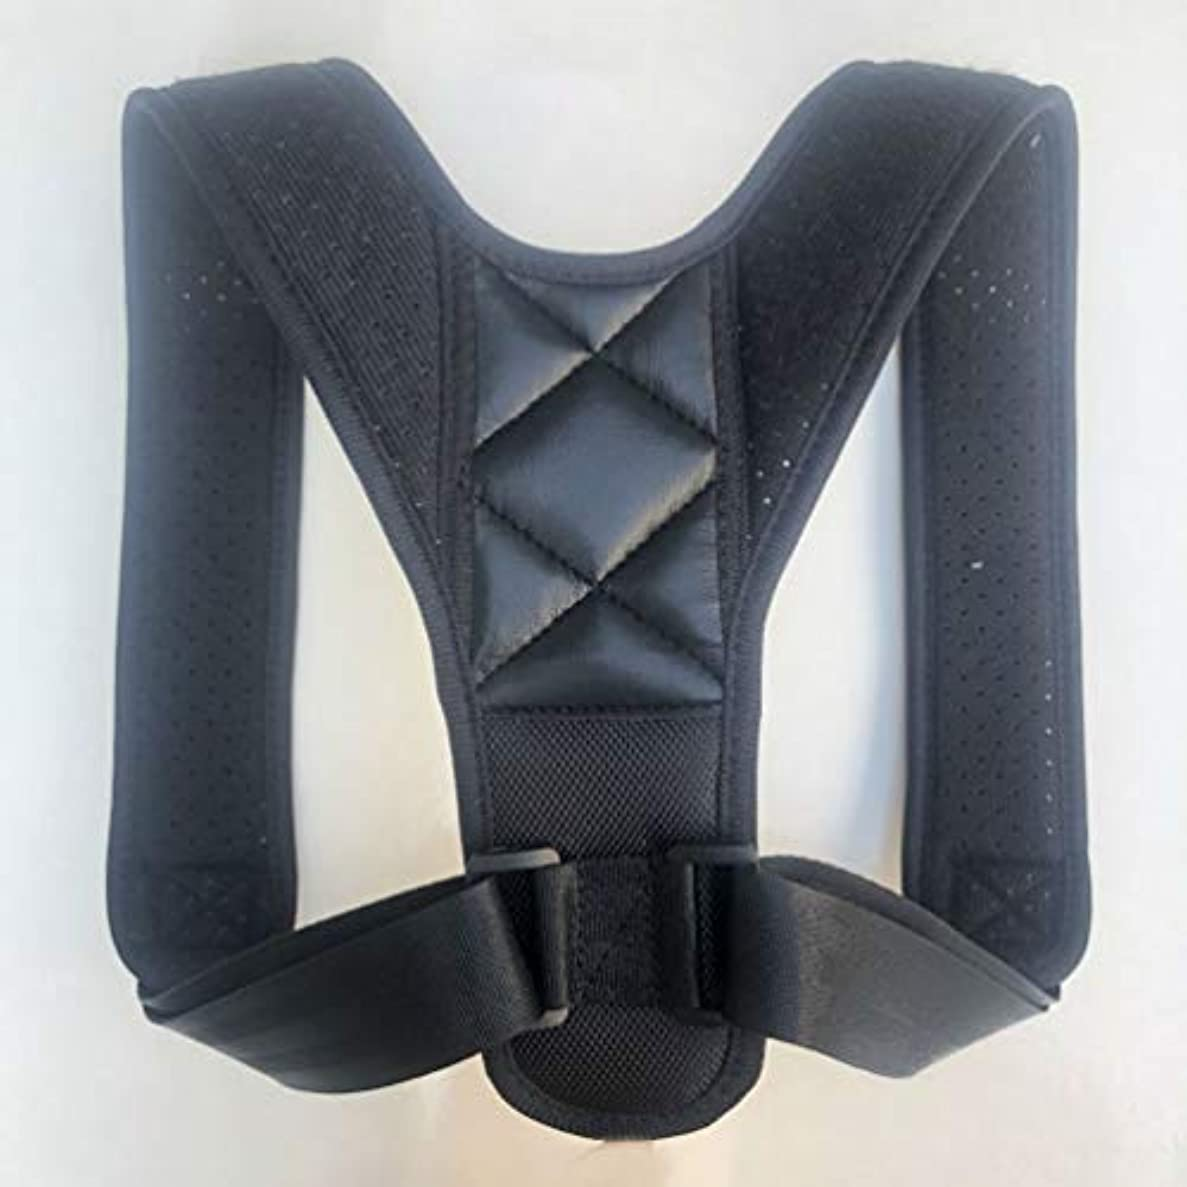 スモッグデイジー貢献するアッパーバックポスチャーコレクター姿勢鎖骨サポートコレクターバックストレートショルダーブレースストラップコレクター - ブラック